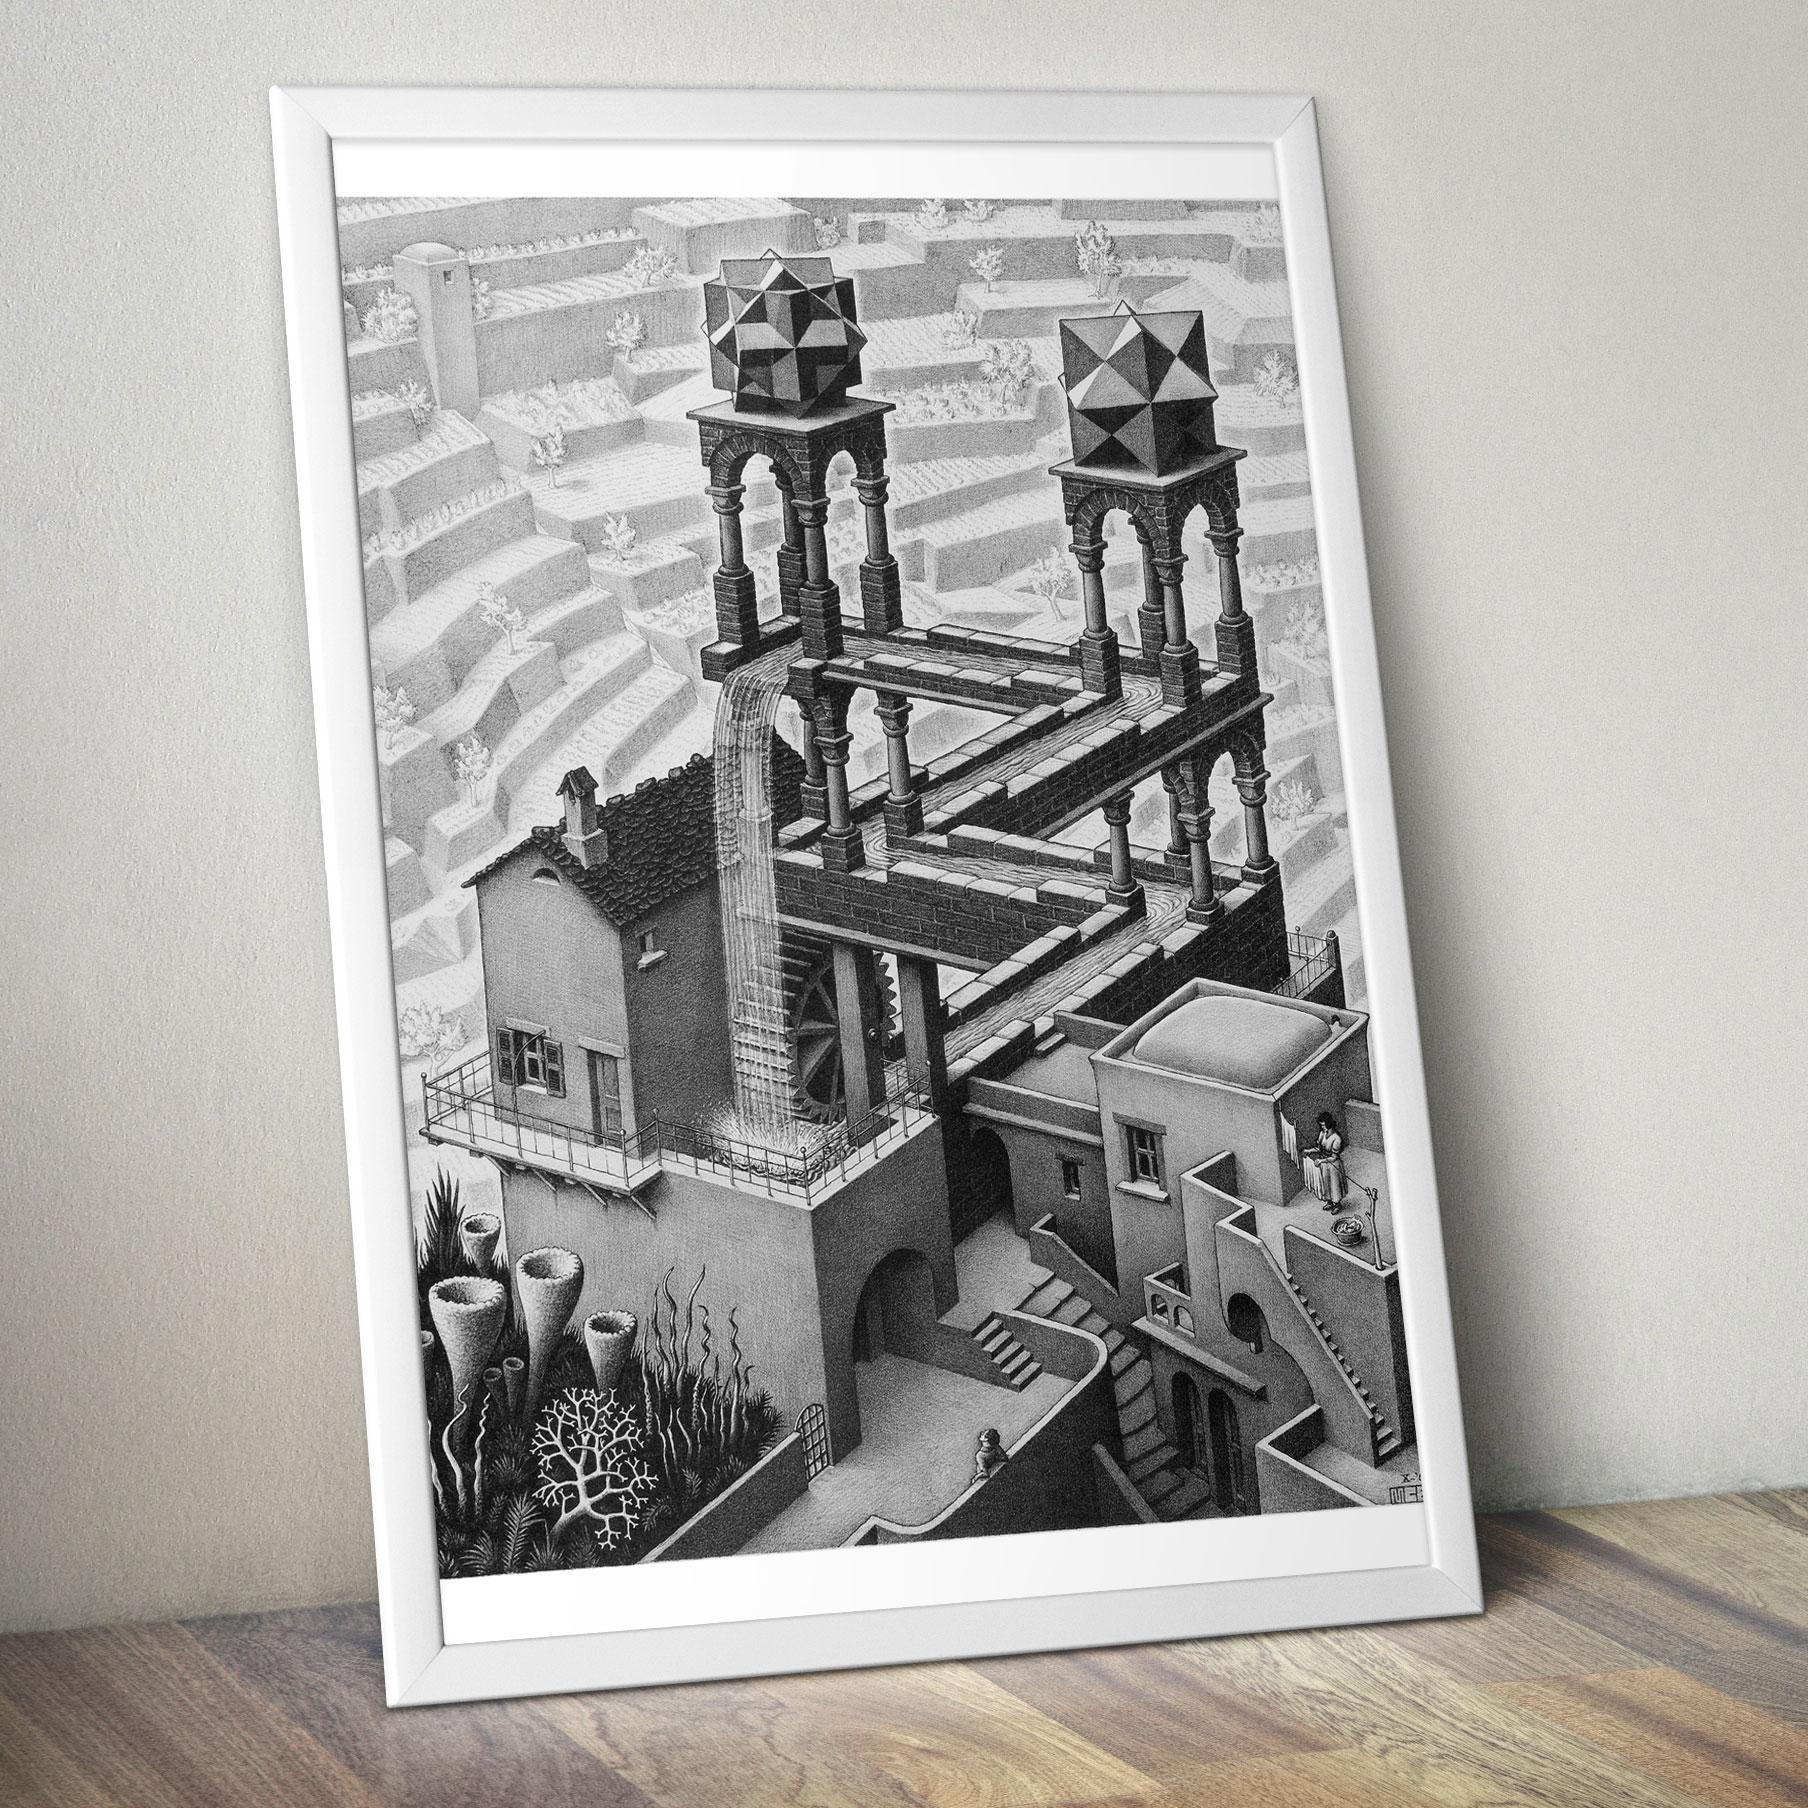 M C ESCHER Maurits Cornelis Art Surreal Poster Print FRAME OPTIONS A4 A3 A3+